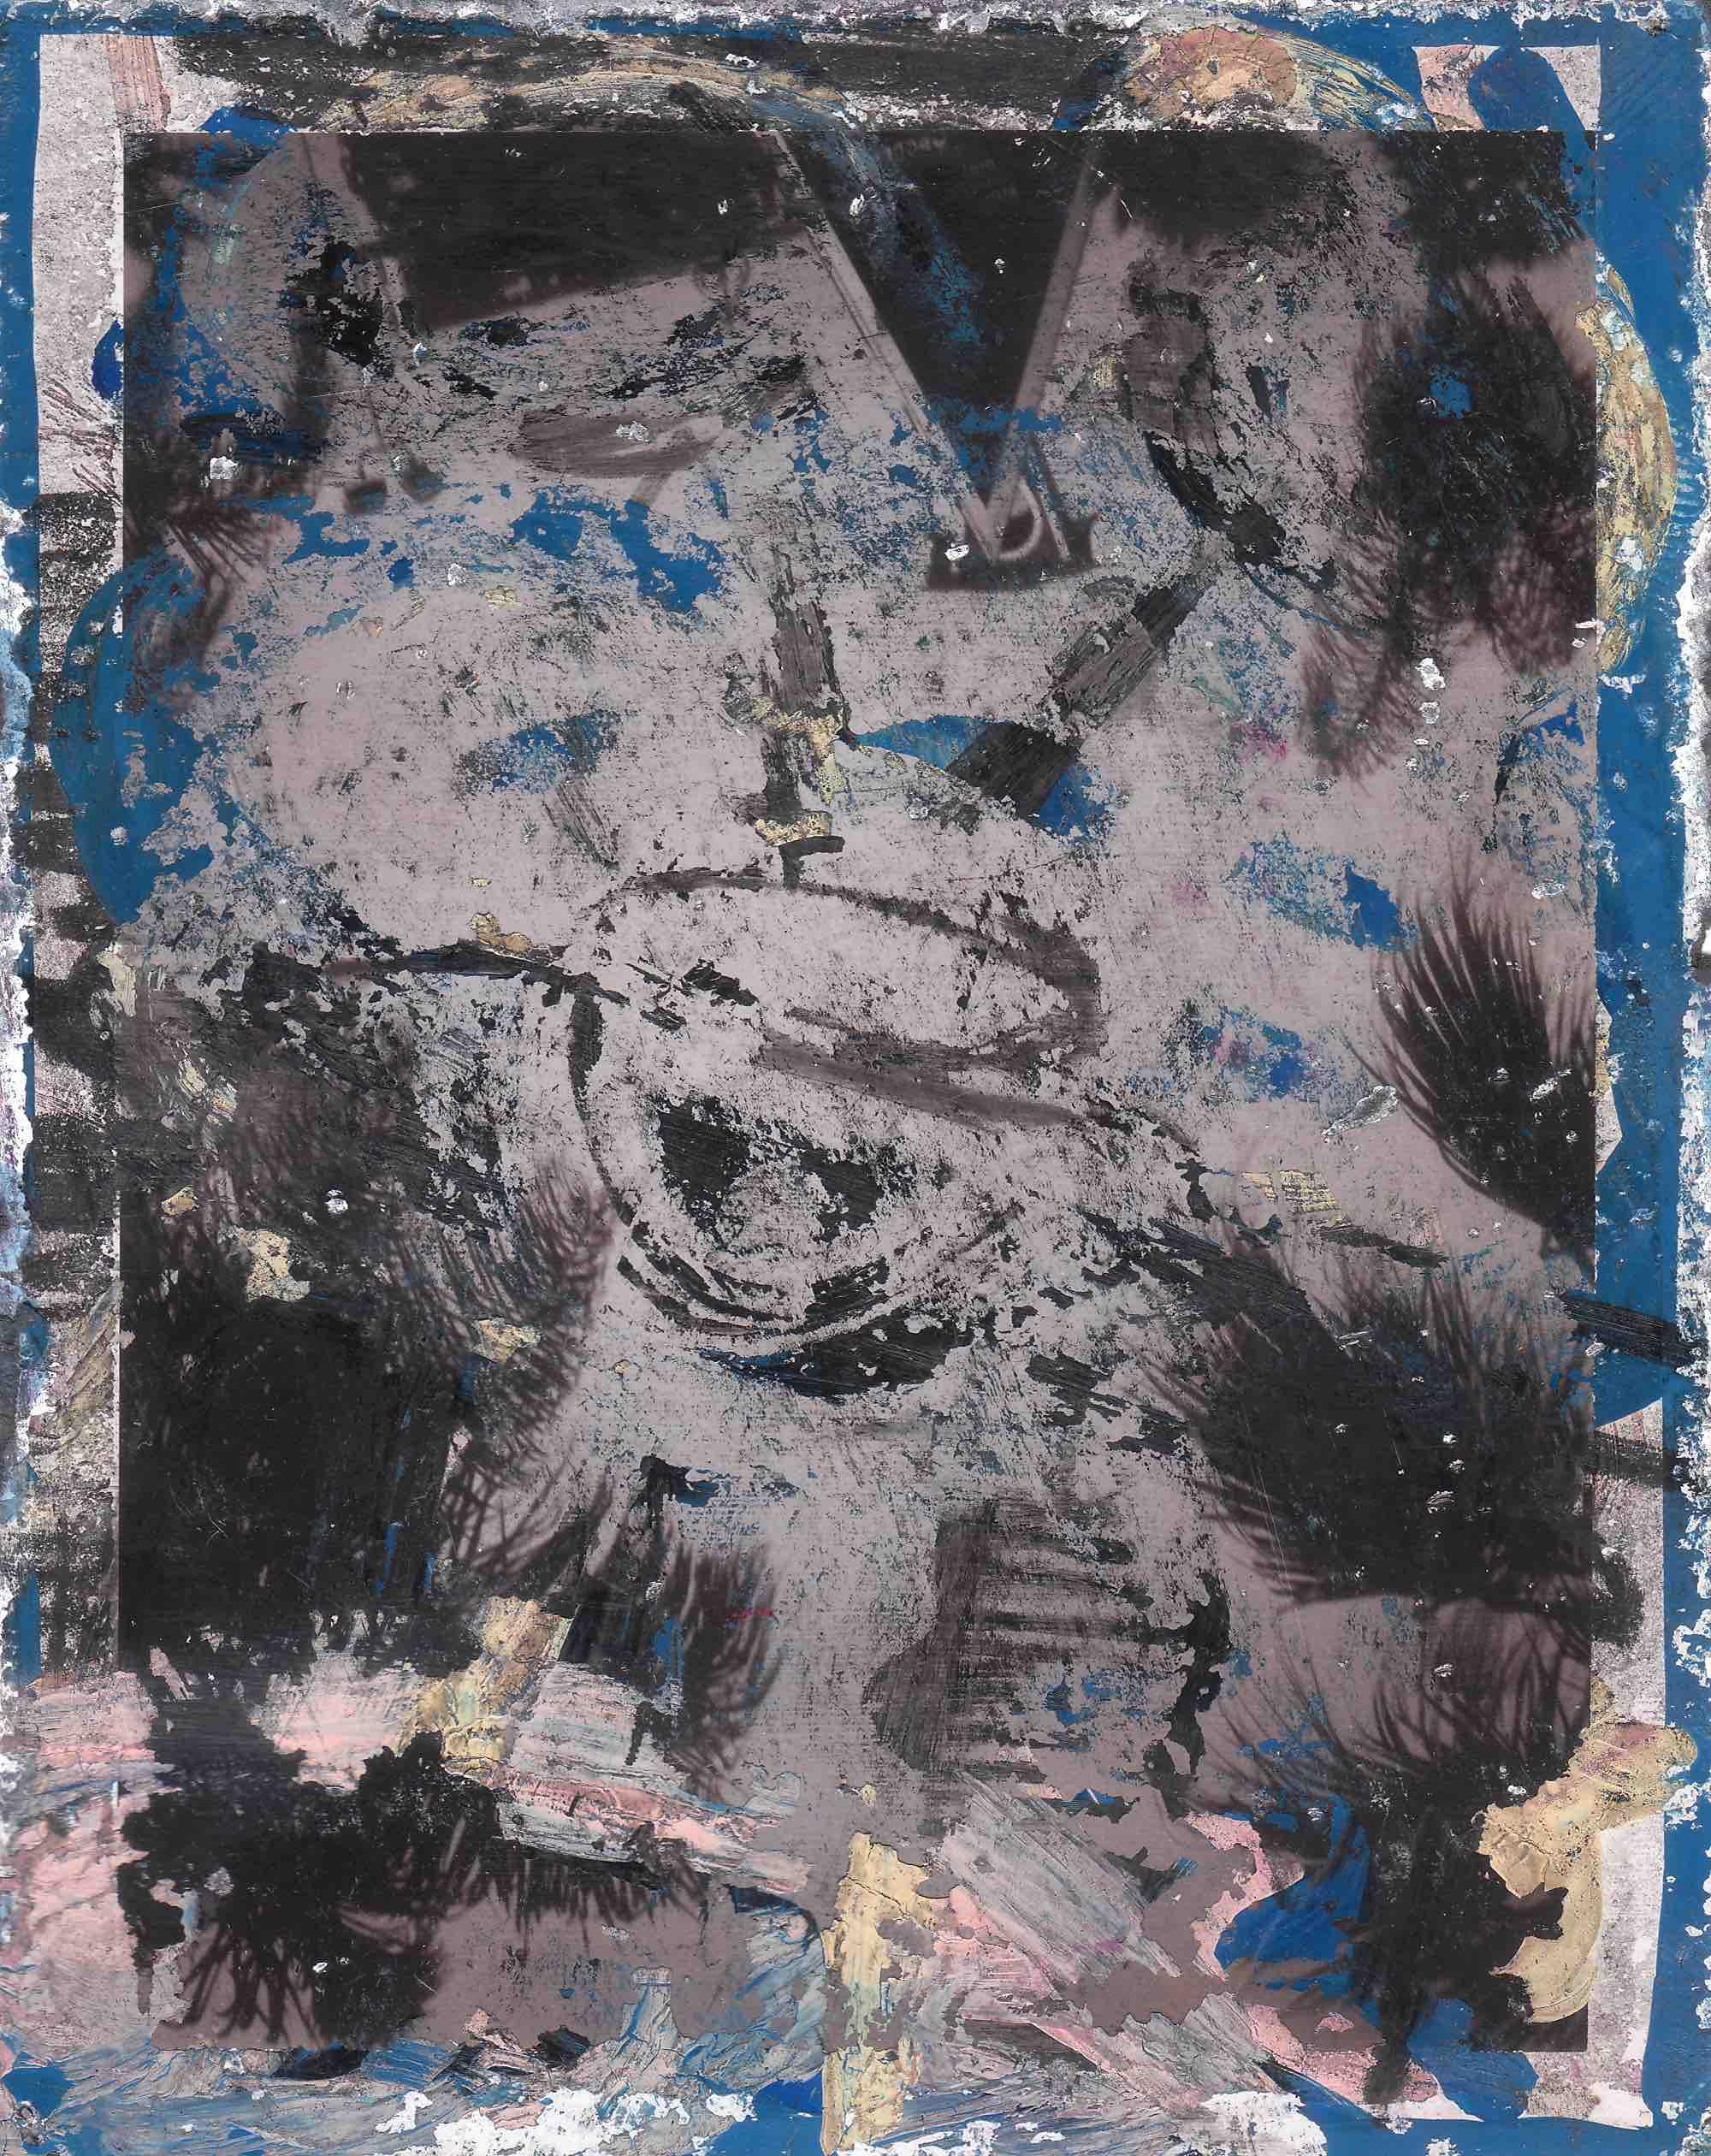 """POLAROID ® K713501C  1989 (  Partagas Polaroids)  ;   liquid paper, grease & graphite pencil on Polaroid; 4-1/4 x 3-3/8""""   Copyright © Tennyson Woodbridge, 1963 to present"""